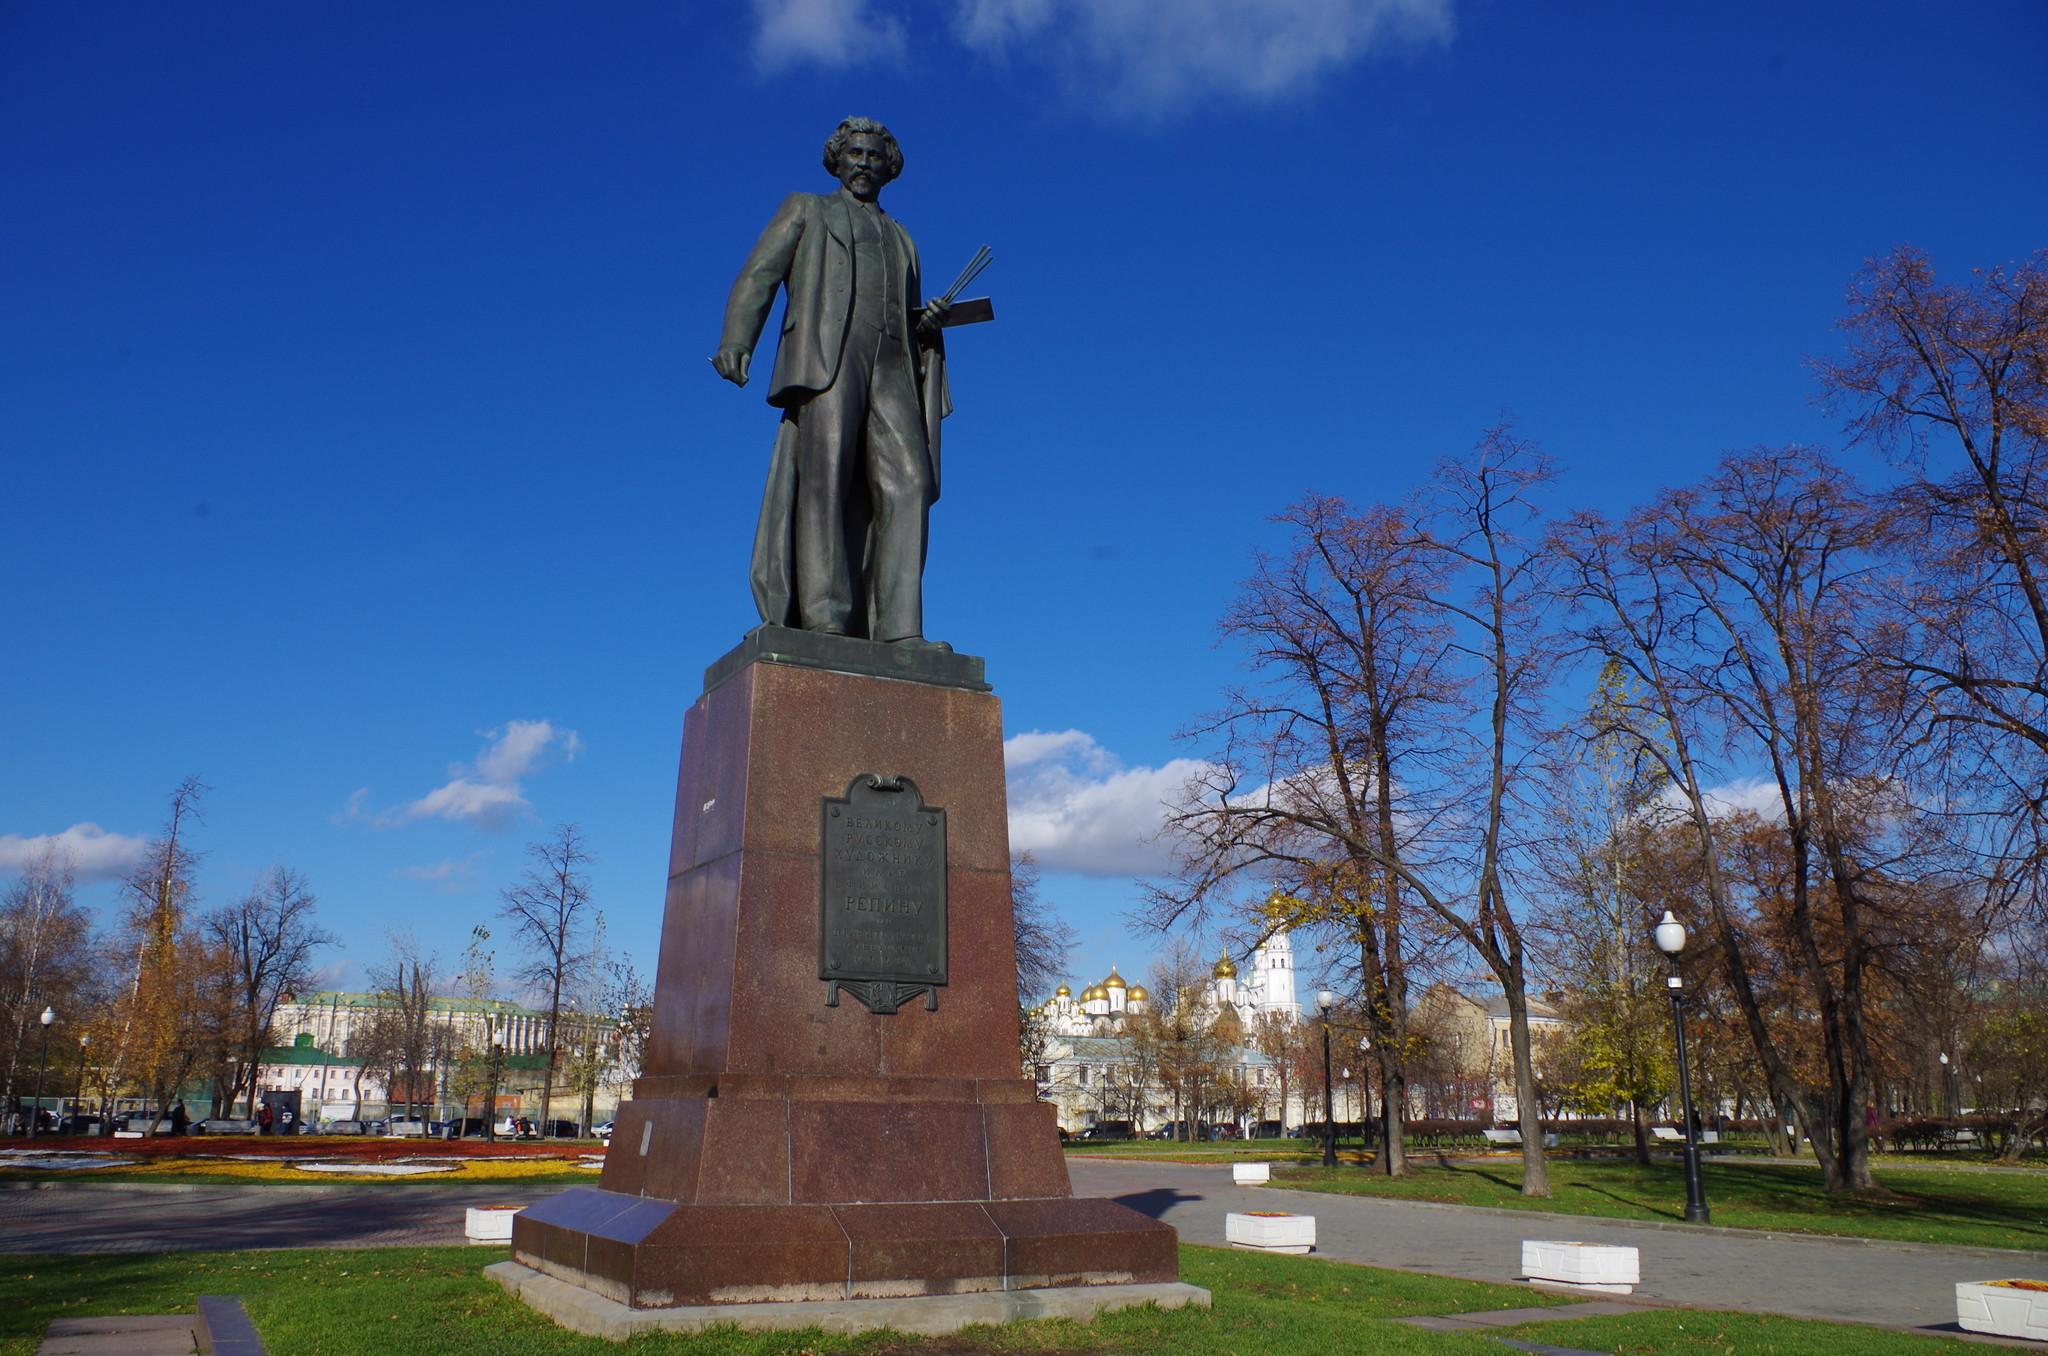 памятник Илье Ефимовичу Репину, установленный в 1958 году недалеко от Третьяковской галереи, на Болотной площади, некогда носившей имя великого русского живописца